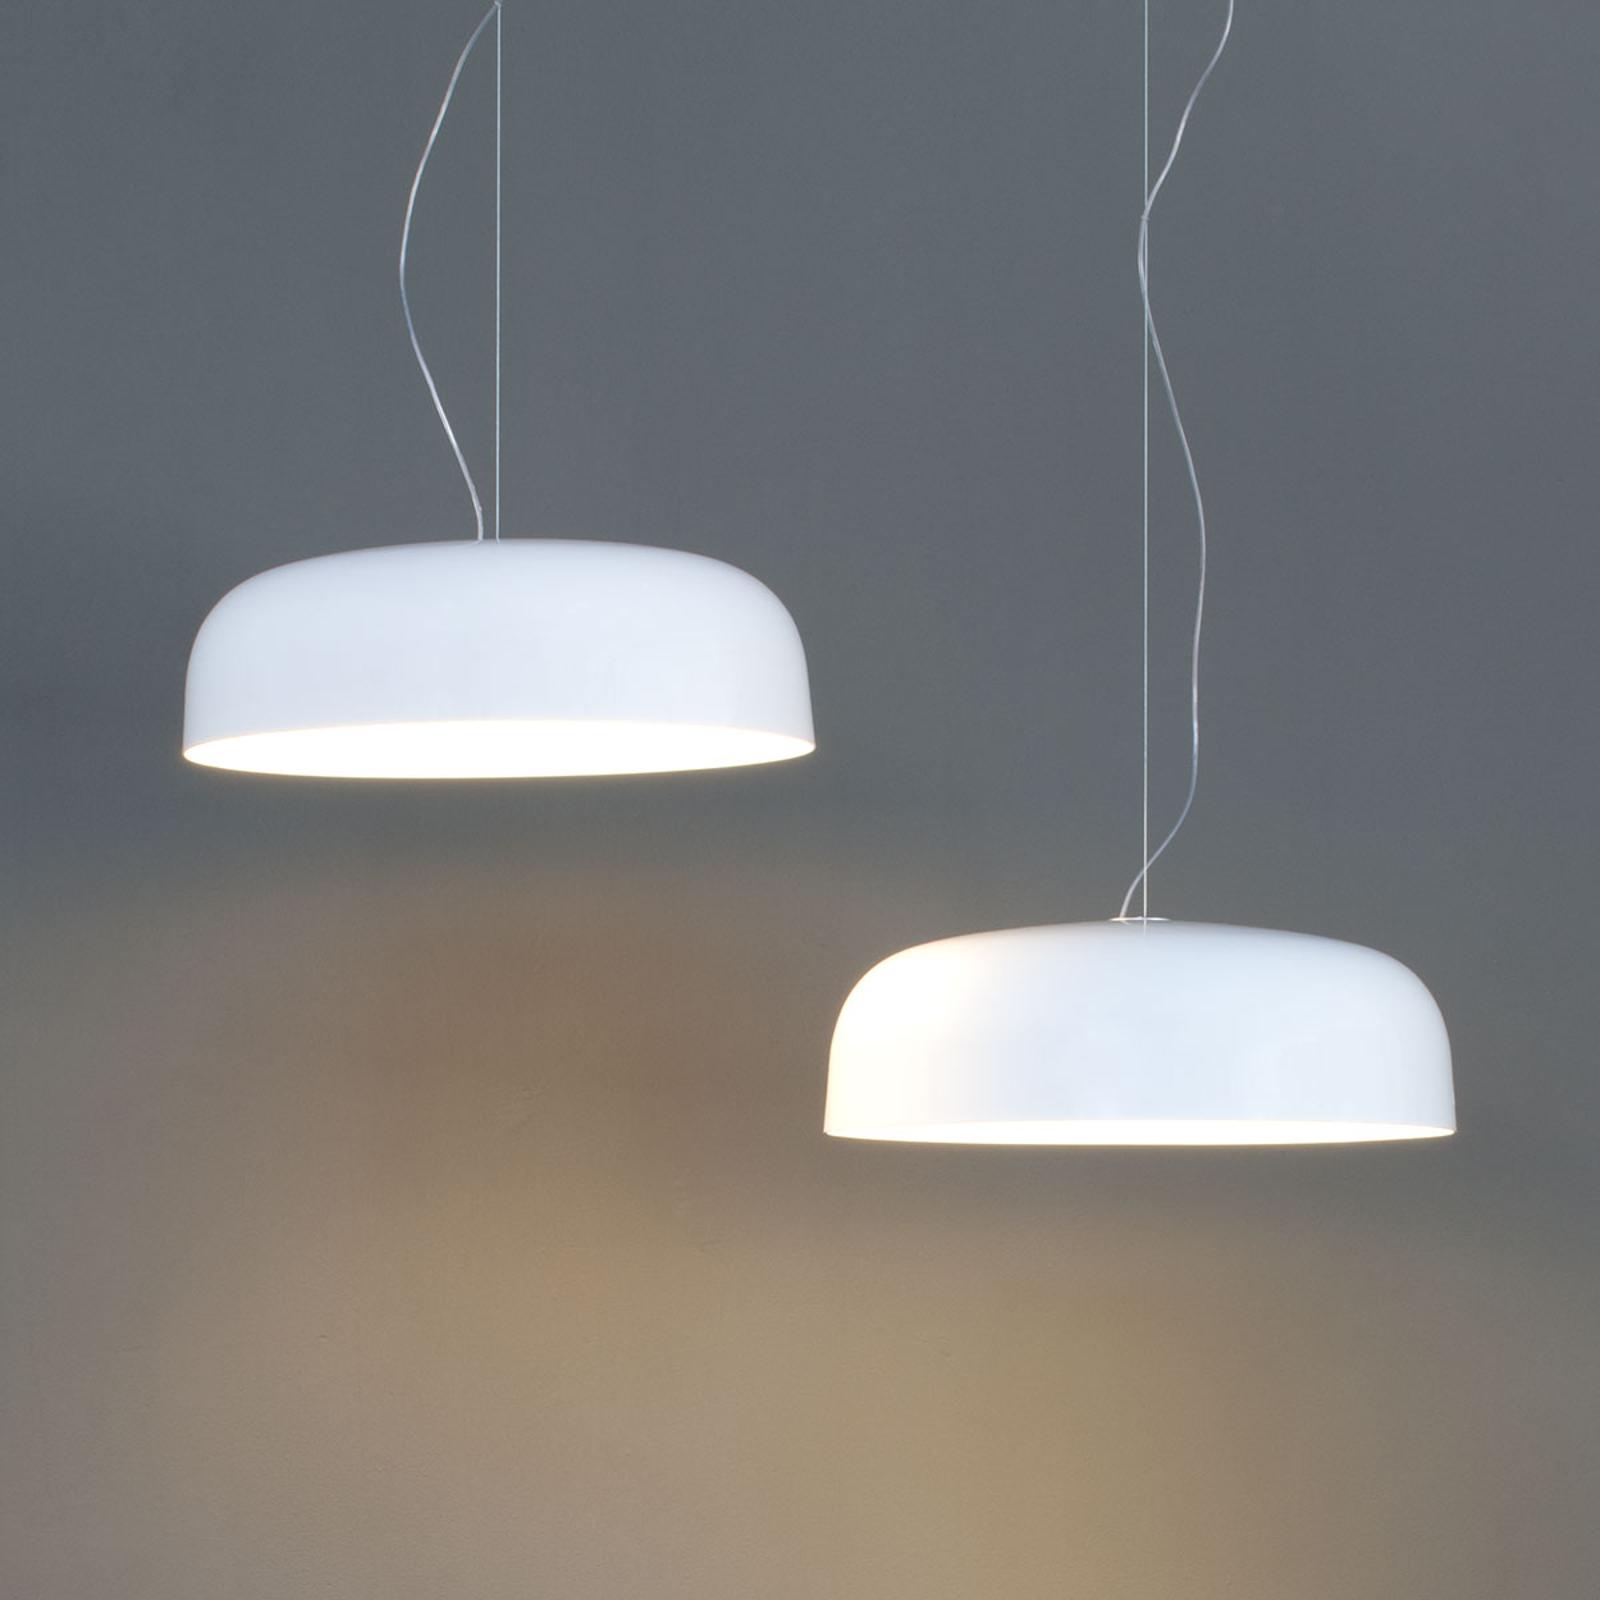 Lampada a sospensione Canopy, 60 cm bianco